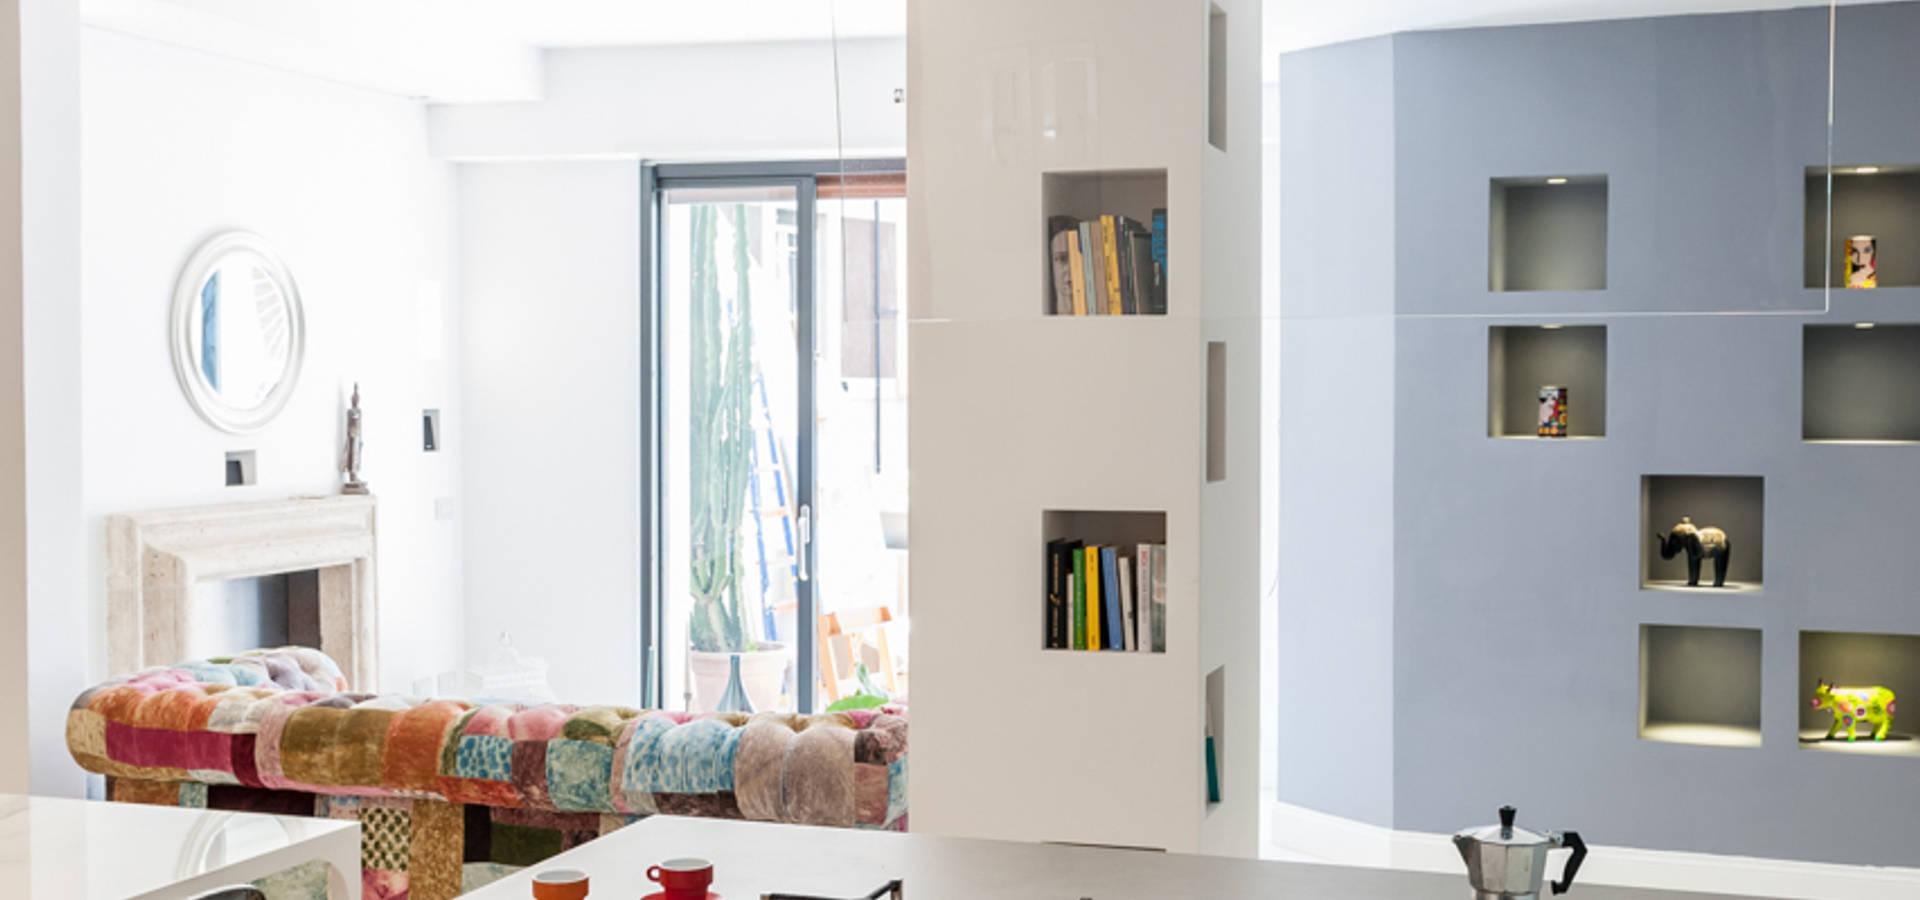 Appartamento eur de zero6studio studio associato di for Metraggio di appartamento studio